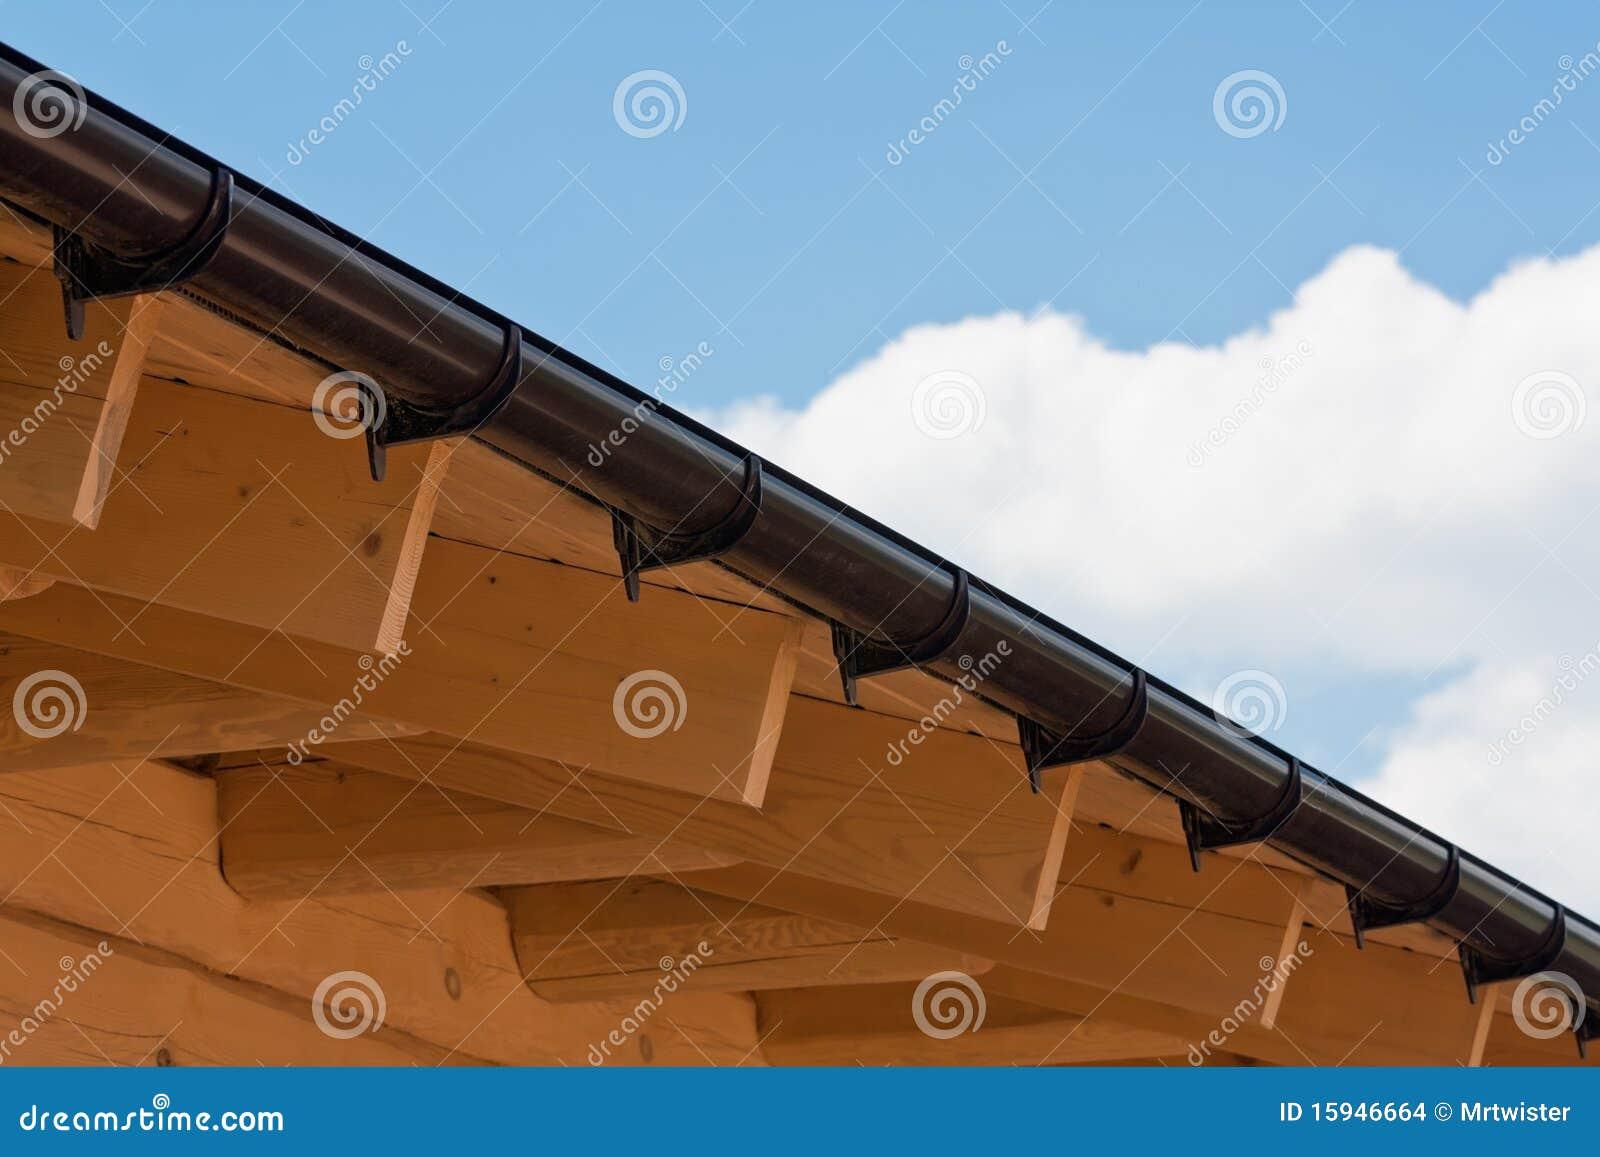 Vigas de madeira de um telhado da HOME sob a construção. #7E4418 1300x957